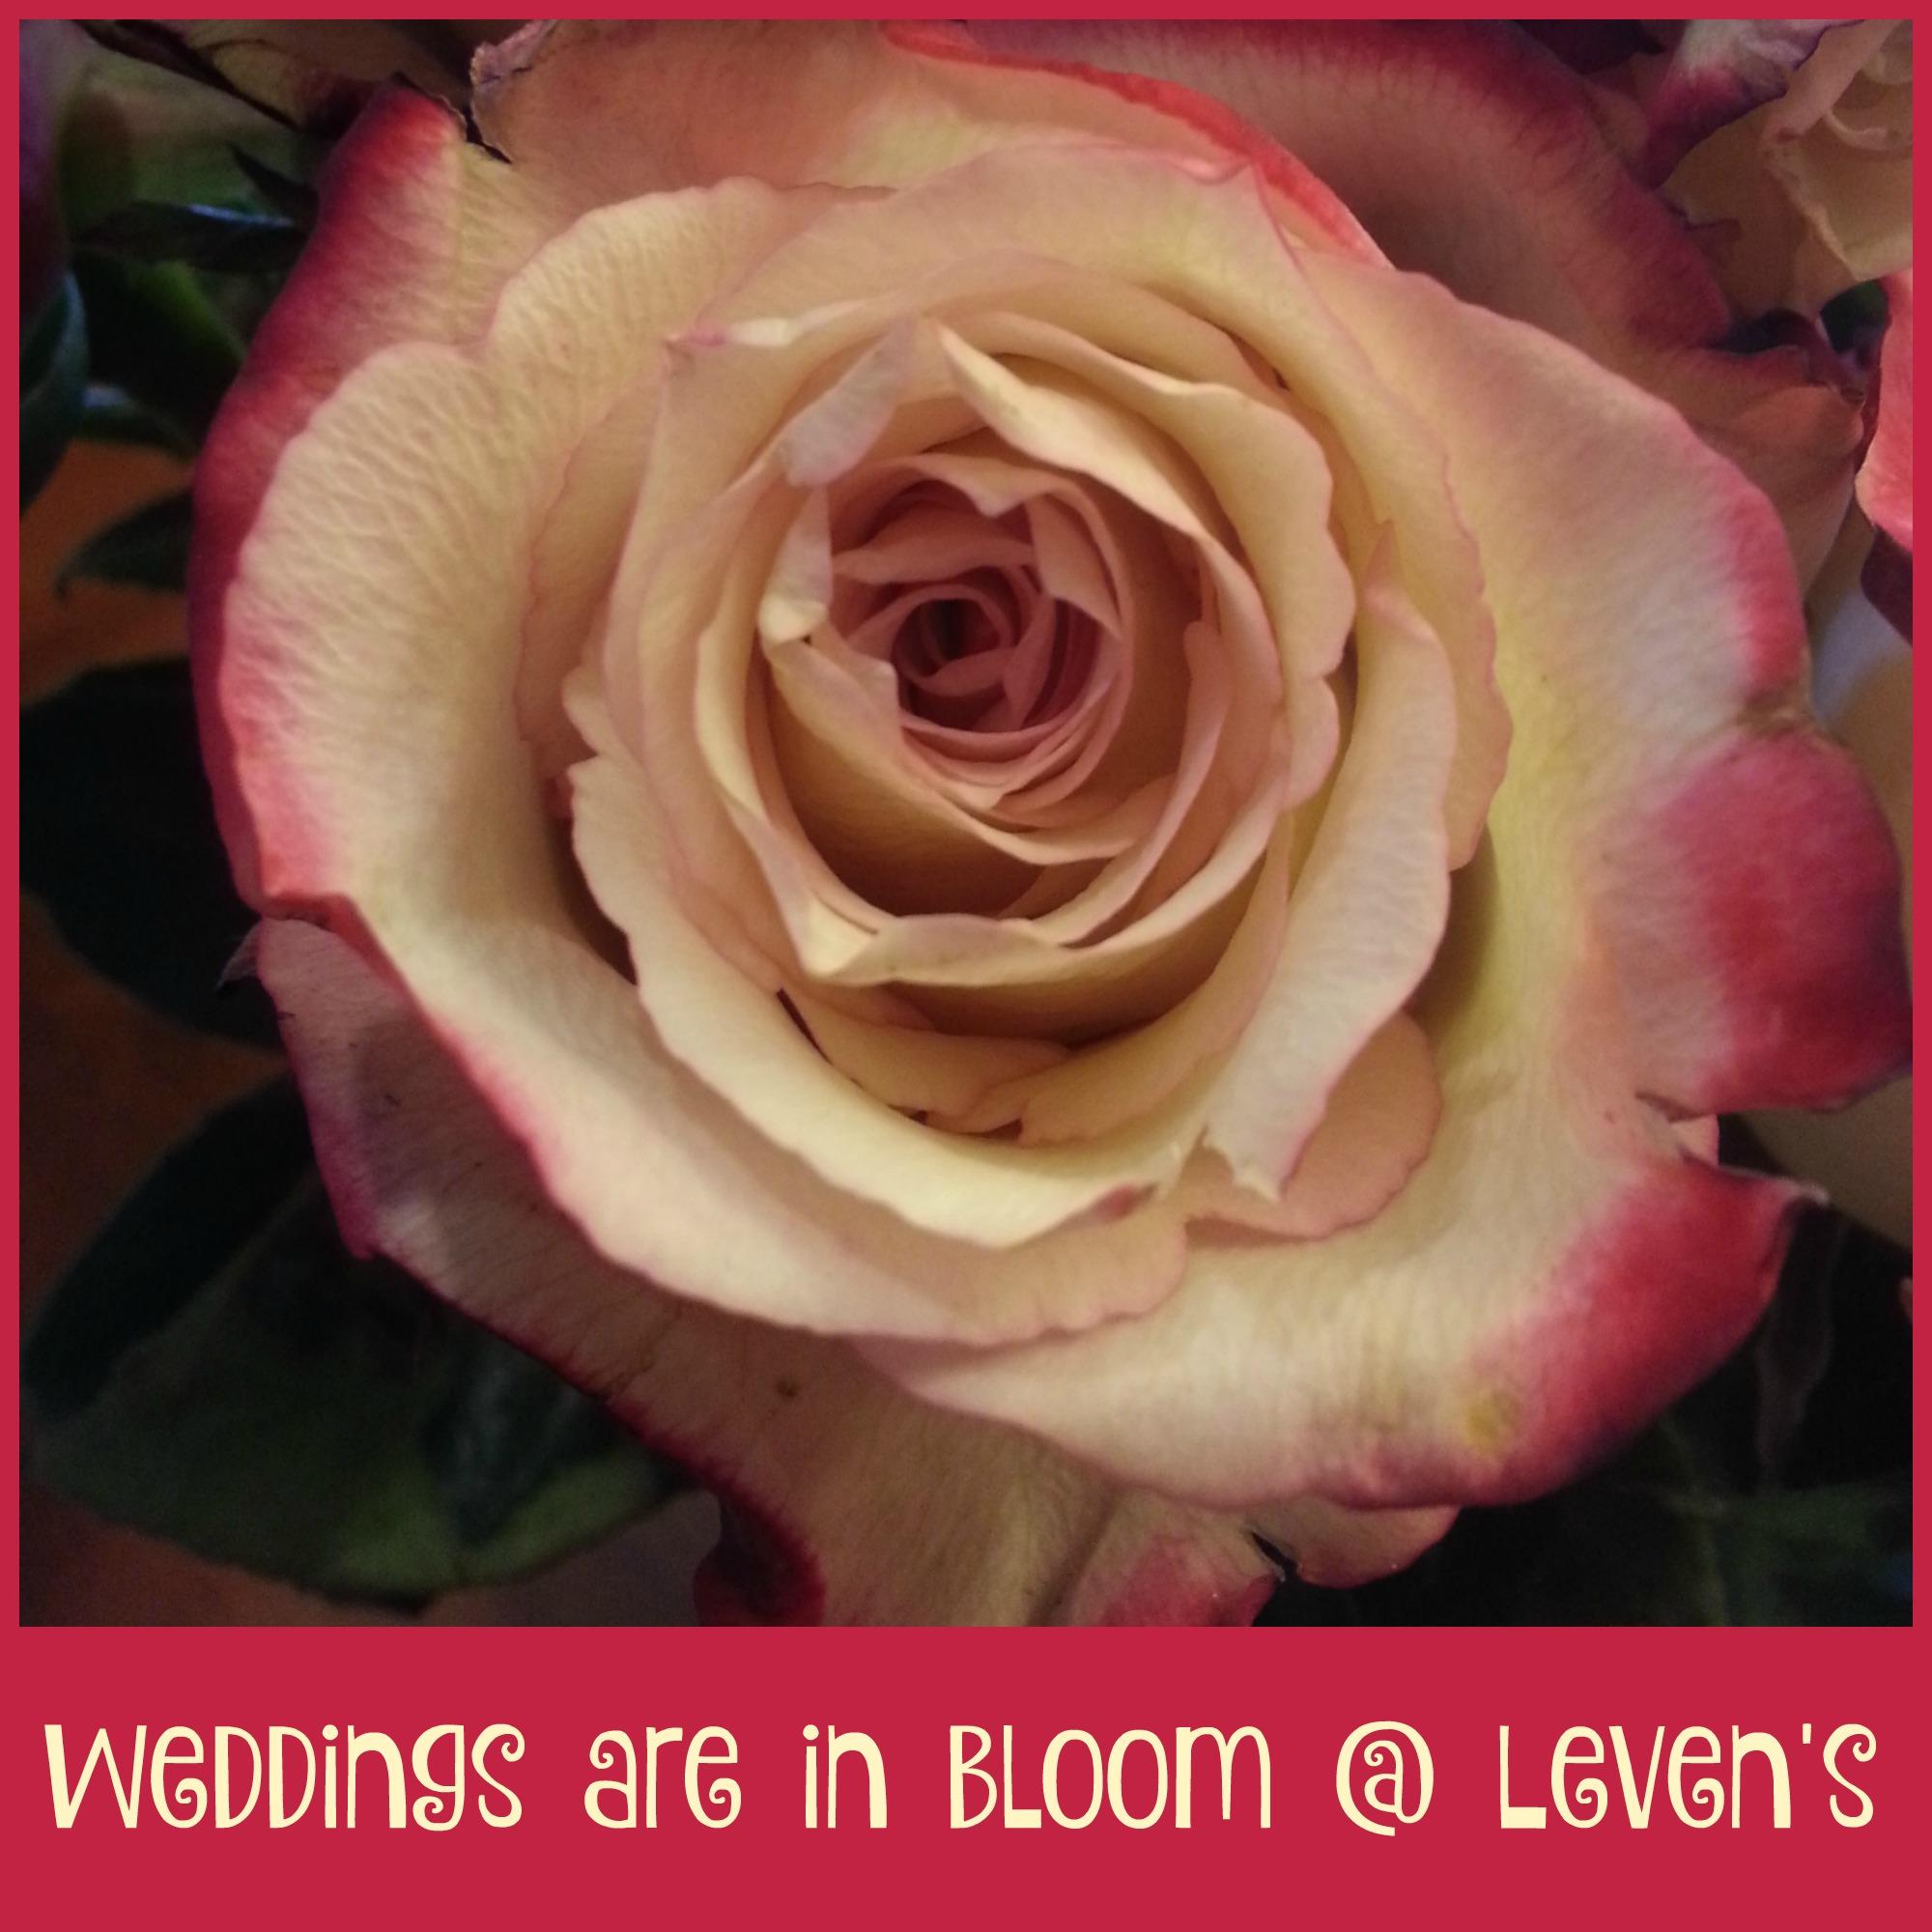 Weddings are in Bloom in Logan, Utah